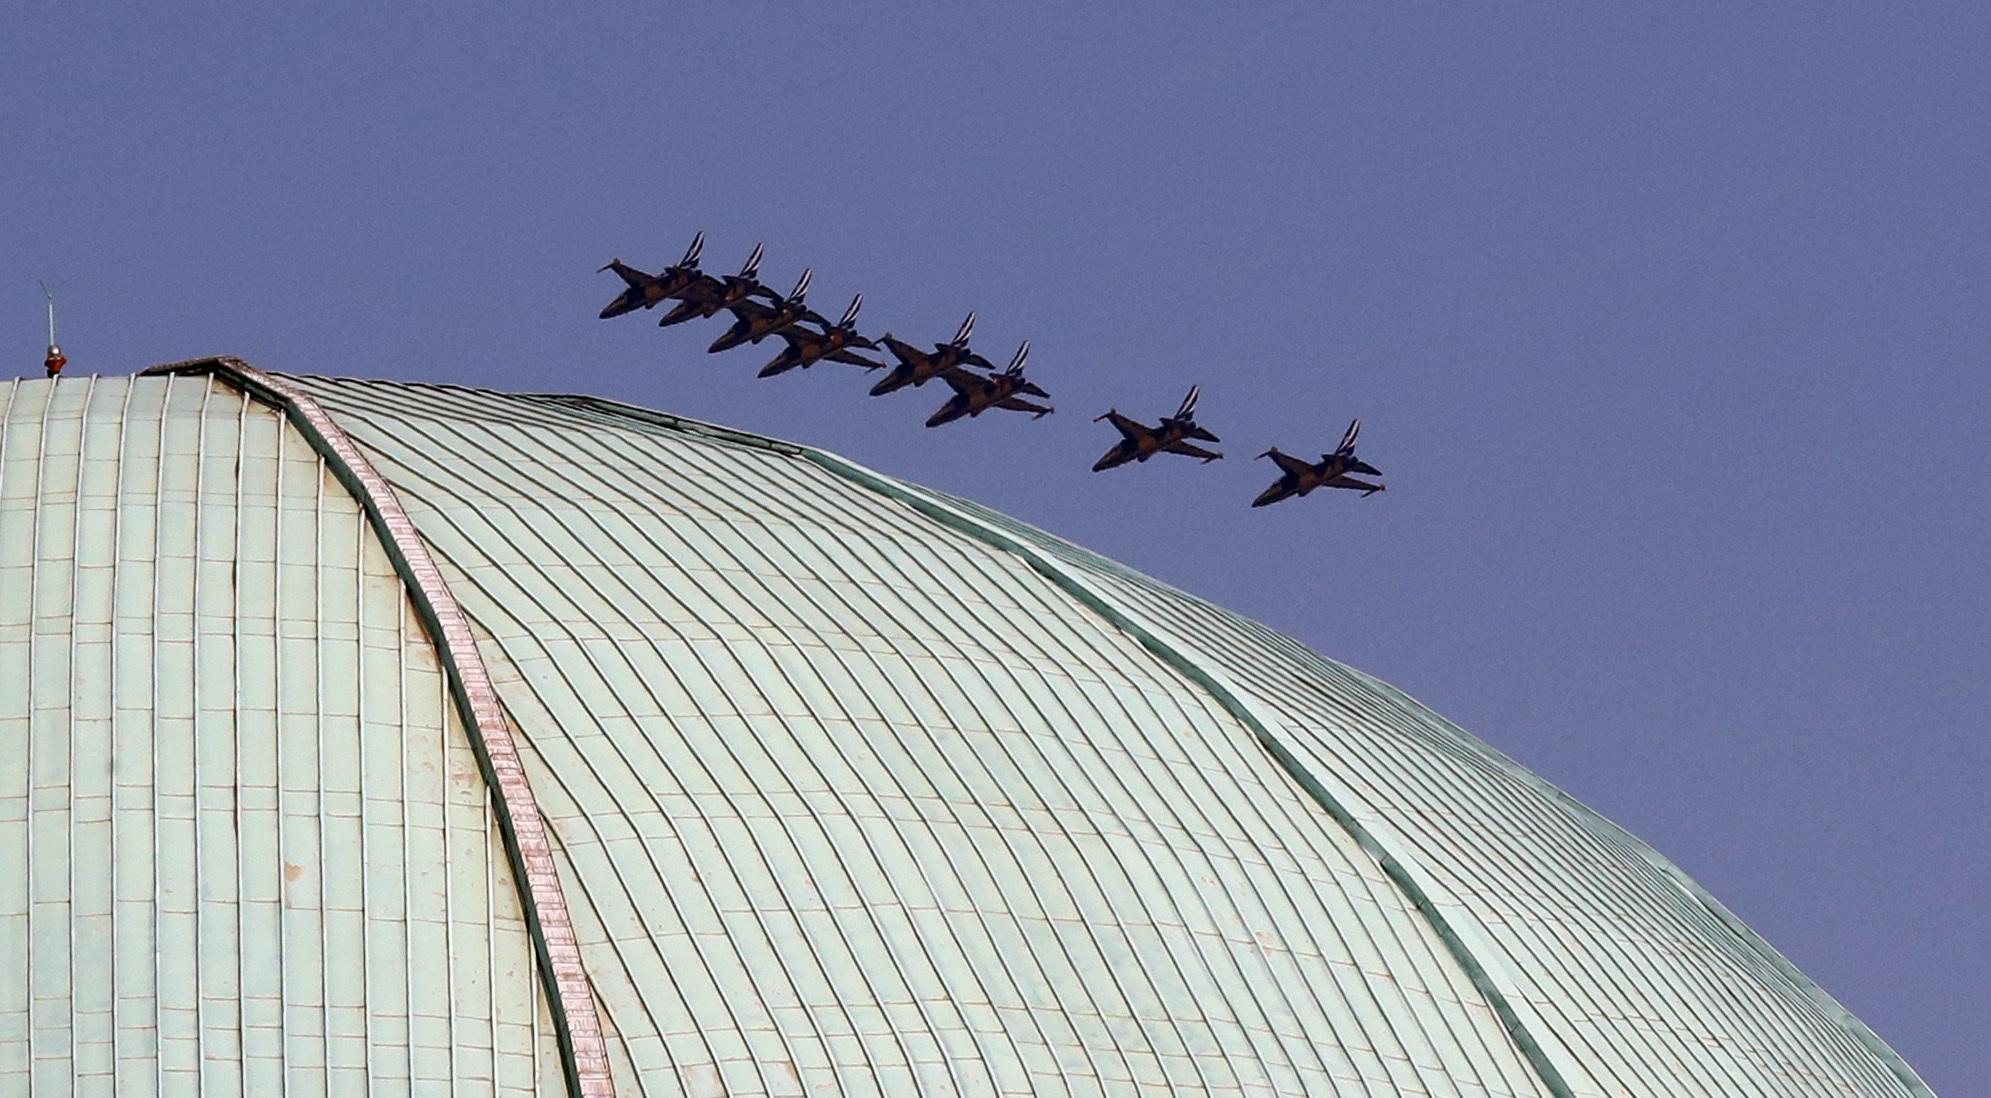 공군 블랙이글스가 17일 국회 돔 지붕 너머로 날아가고 있다. 강정현 기자